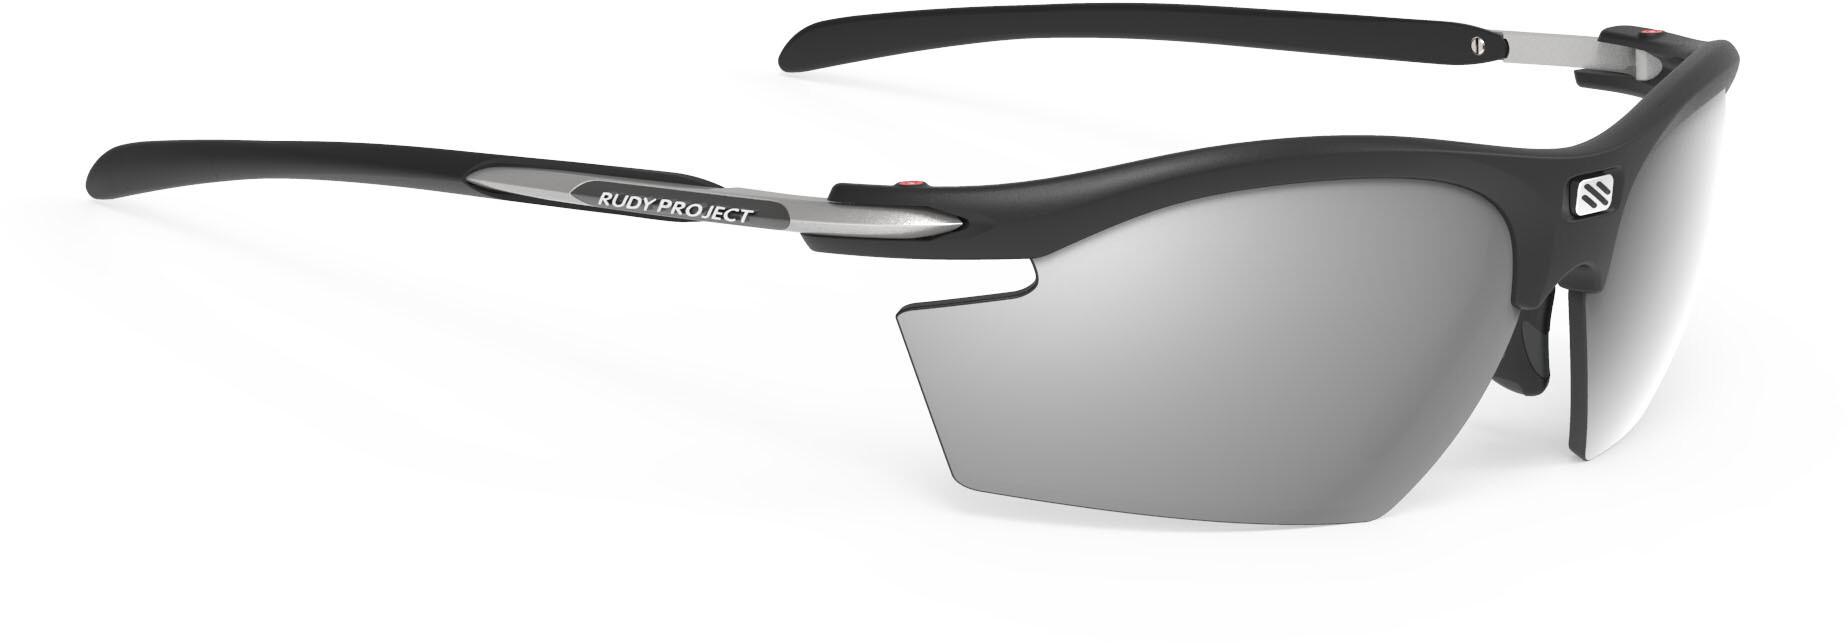 Okulary przeciwsłoneczne LOTUS Brusched Horn Grey Brusched